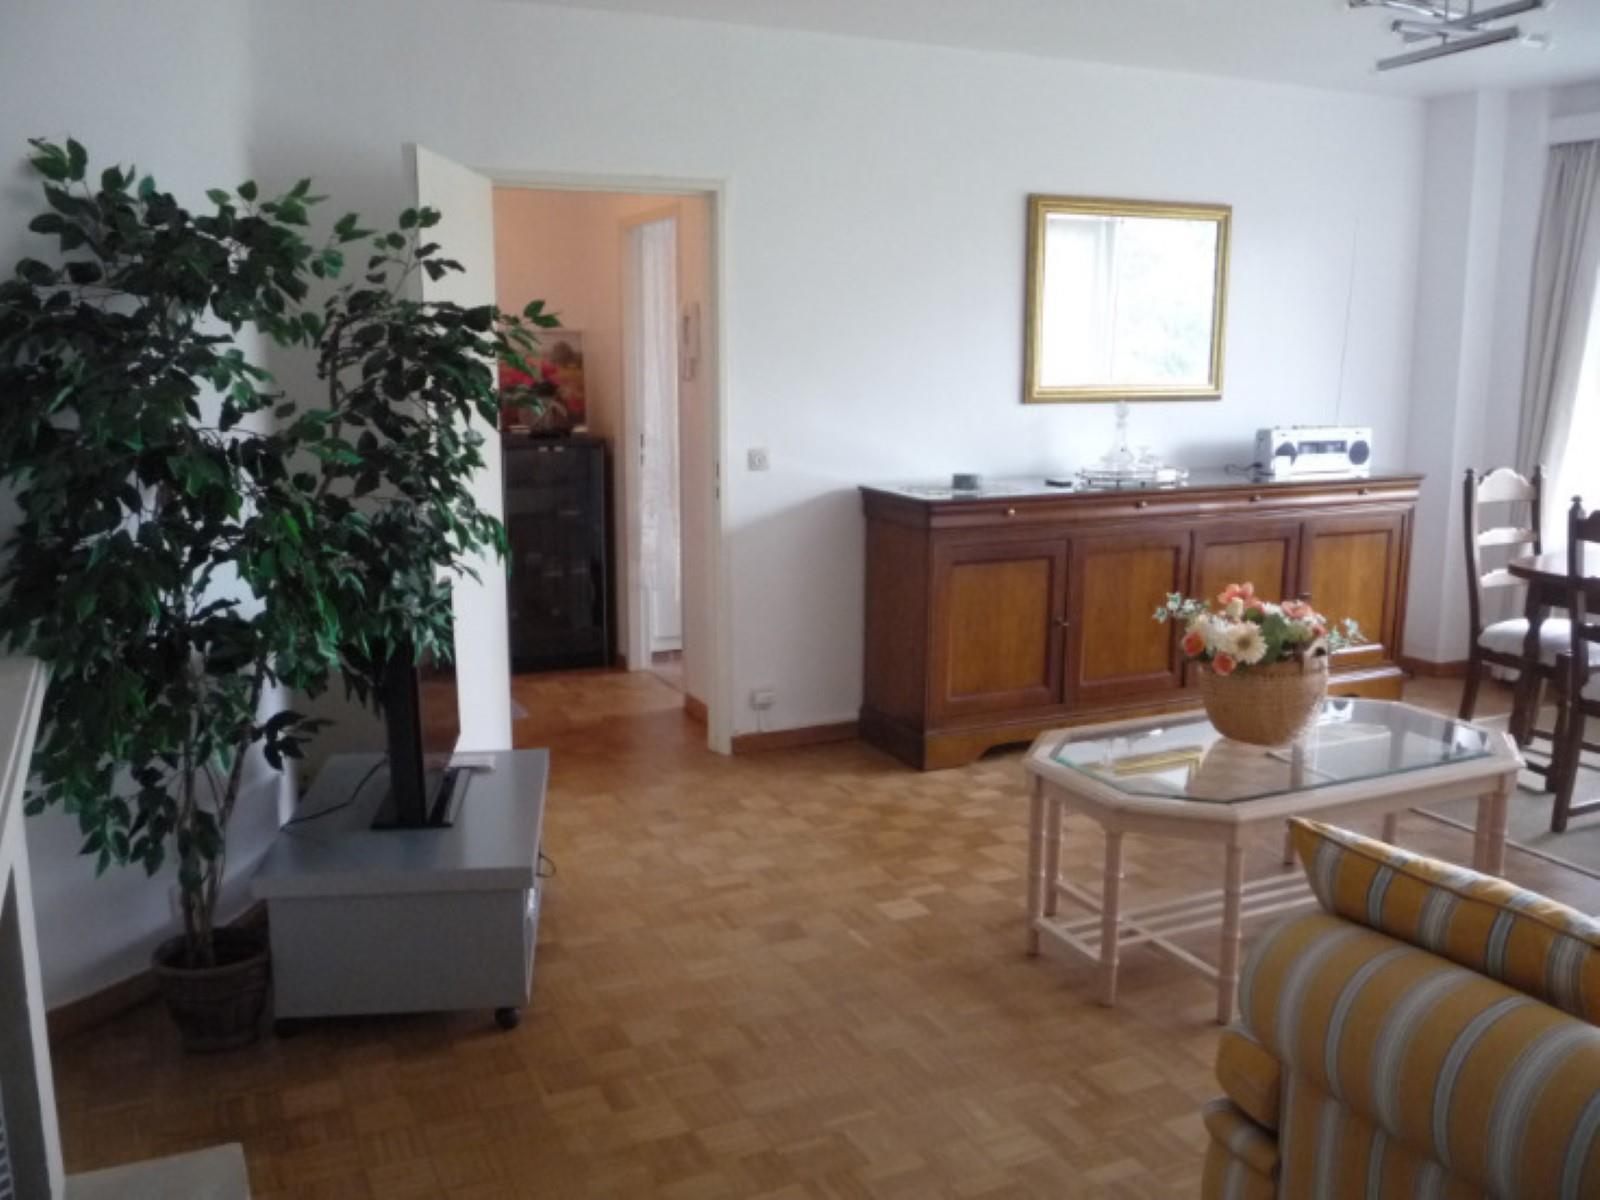 Appartement - Woluwe-Saint-Pierre - #4448784-1